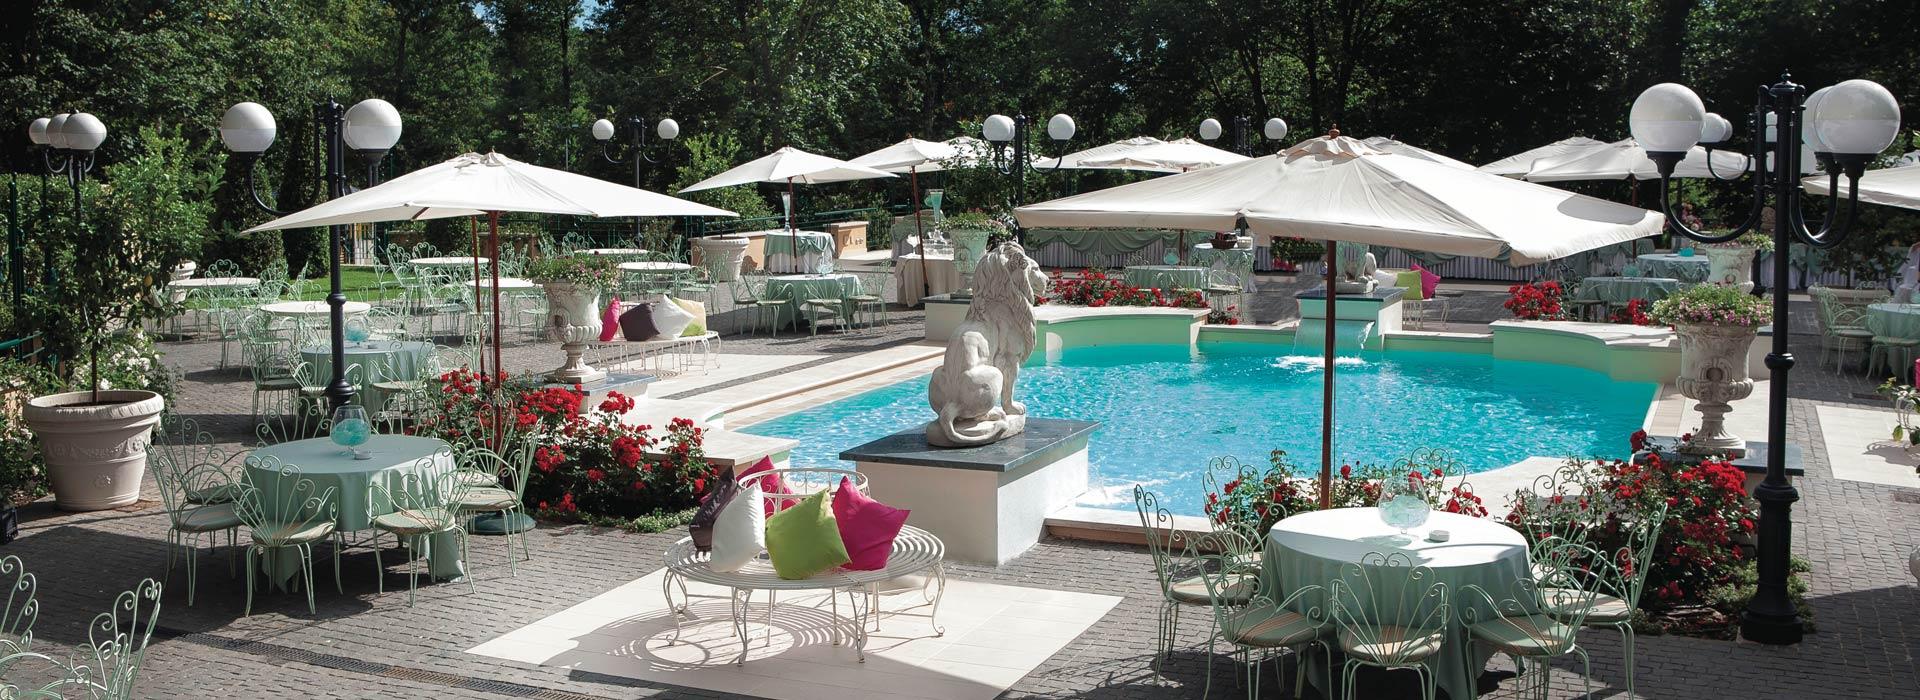 Ristorante La Foresta - Ristorante con piscina per matrimoni vicino ...